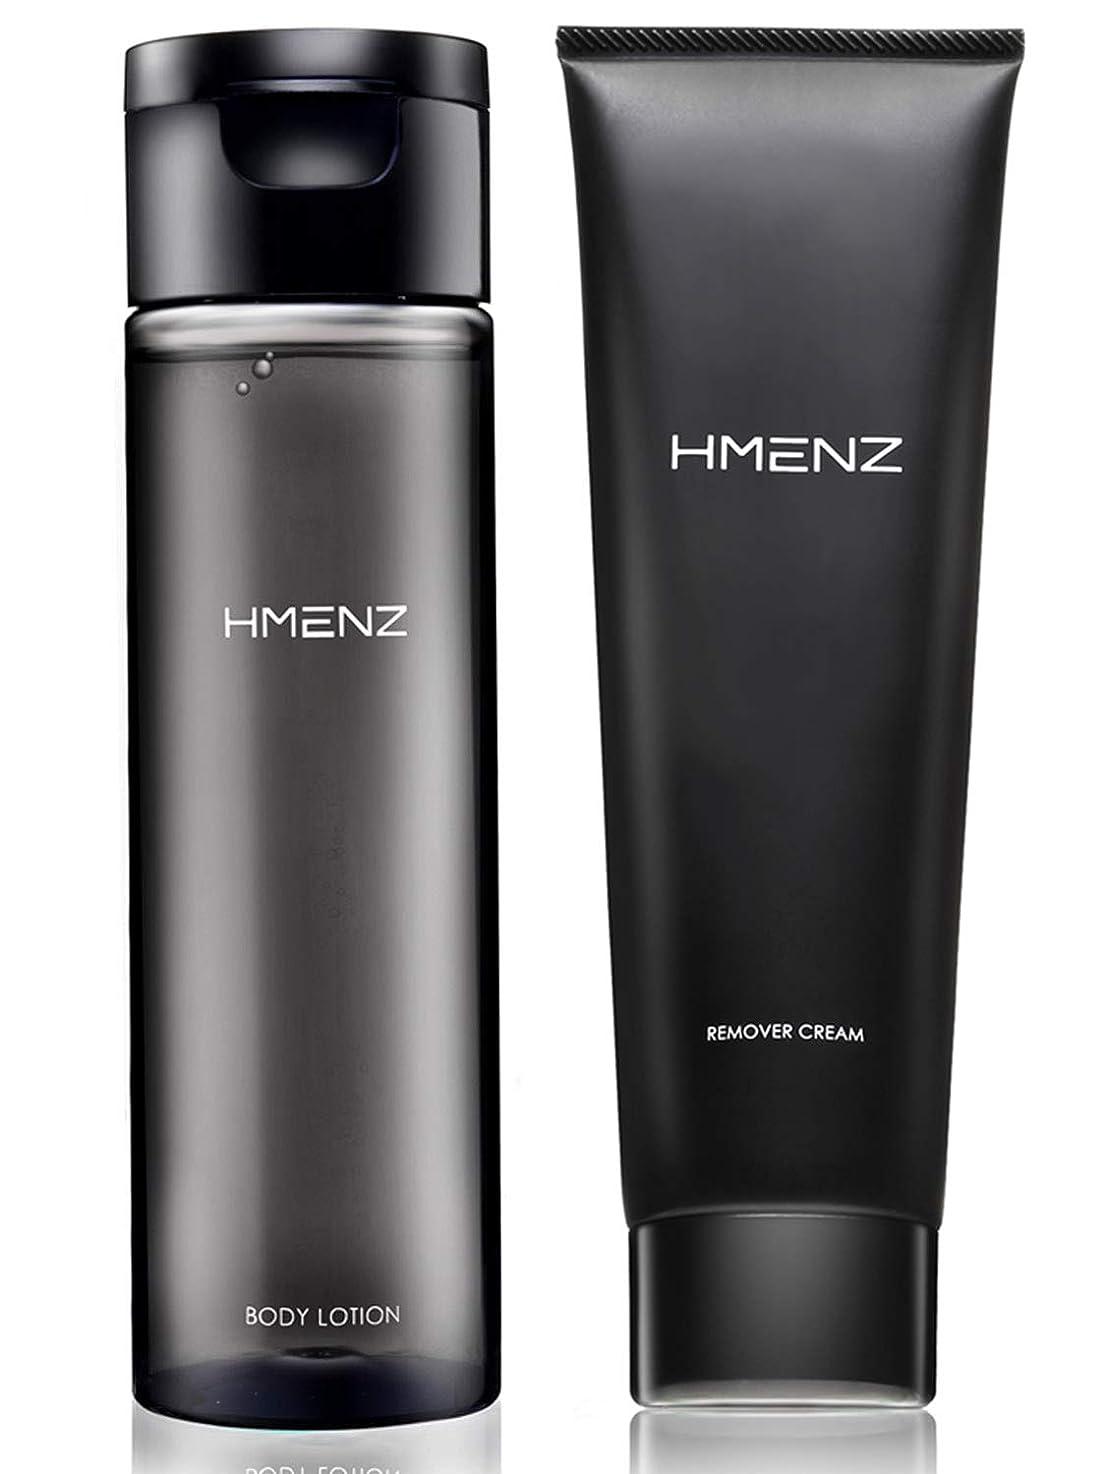 日記ぜいたくインゲン医薬部外品 HMENZ メンズ 除毛クリーム + アフターシェーブローション 【 パーフェクト 除毛 セット 】 陰部 VIO 使用可能 210g & 250ml